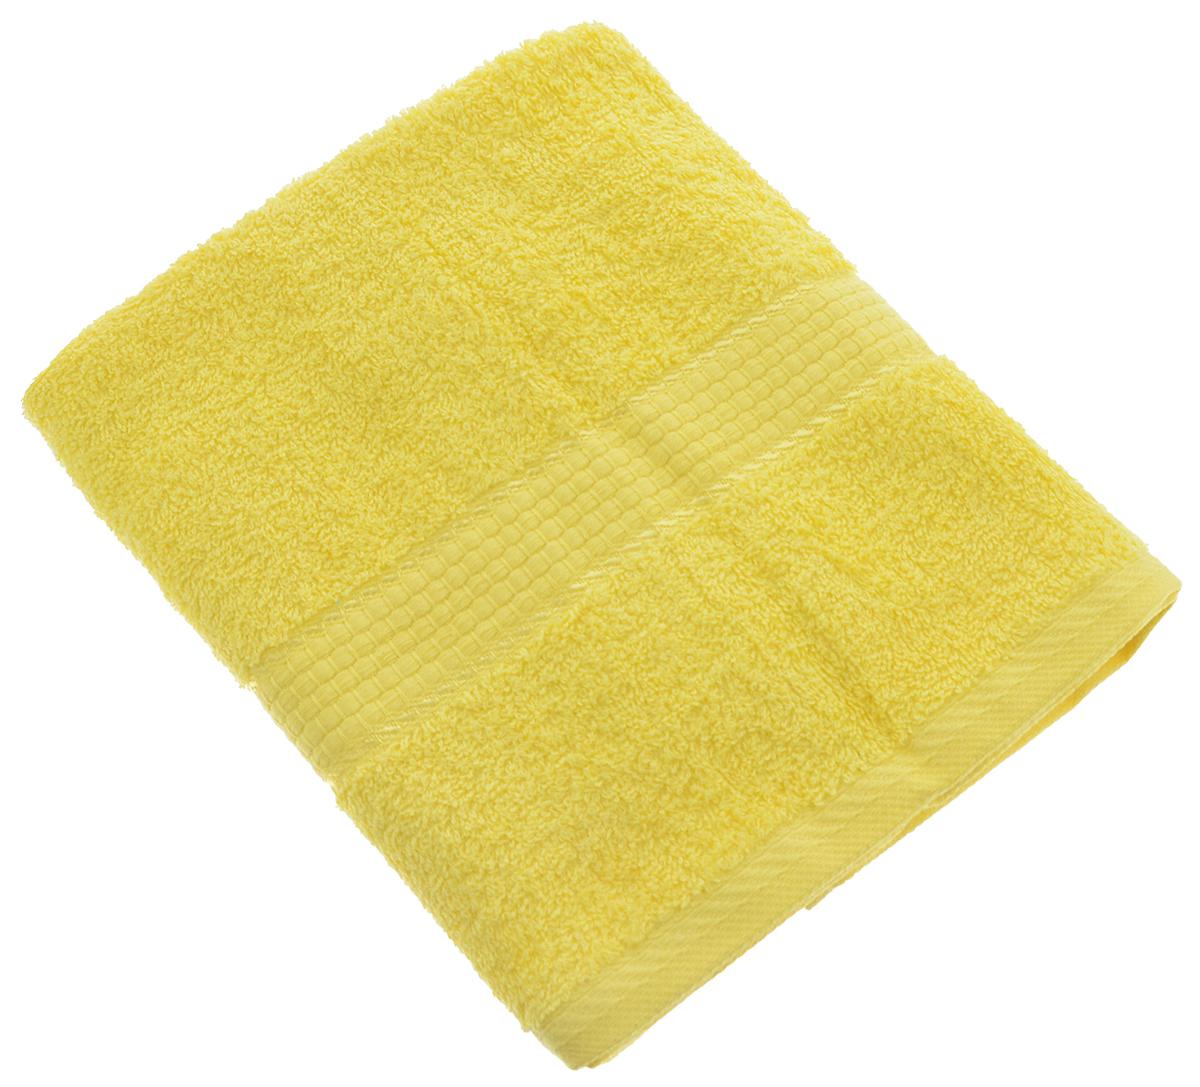 Полотенце Aisha Home Textile, цвет: желтый, 50 х 90 см68/5/2Полотенце Aisha Home Textile выполнено из 100% хлопка. Изделие отлично впитывает влагу, быстро сохнет, сохраняет яркость цвета и не теряет форму даже после многократных стирок. Такое полотенце очень практично и неприхотливо в уходе. Оно создаст прекрасное настроение и украсит интерьер в ванной комнате. Полотенце упаковано в красивую коробку и может послужит отличной идеей подарка.